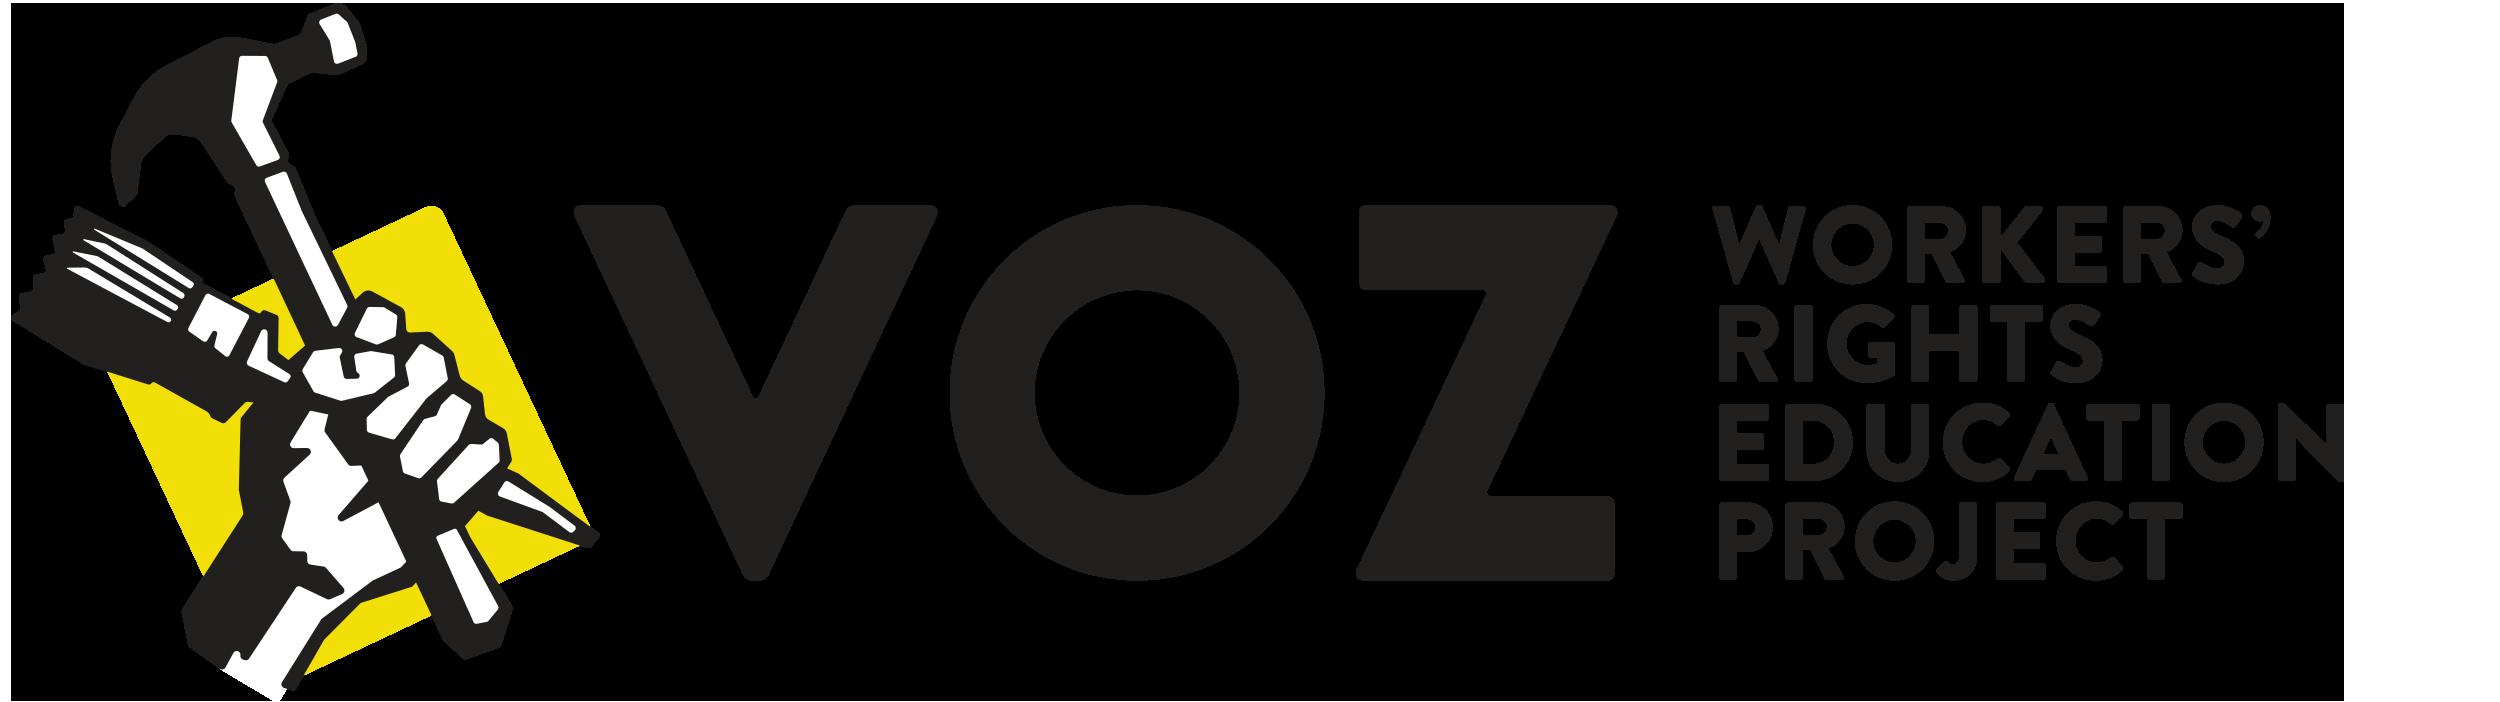 VOZ_logo_en_primary-1.png